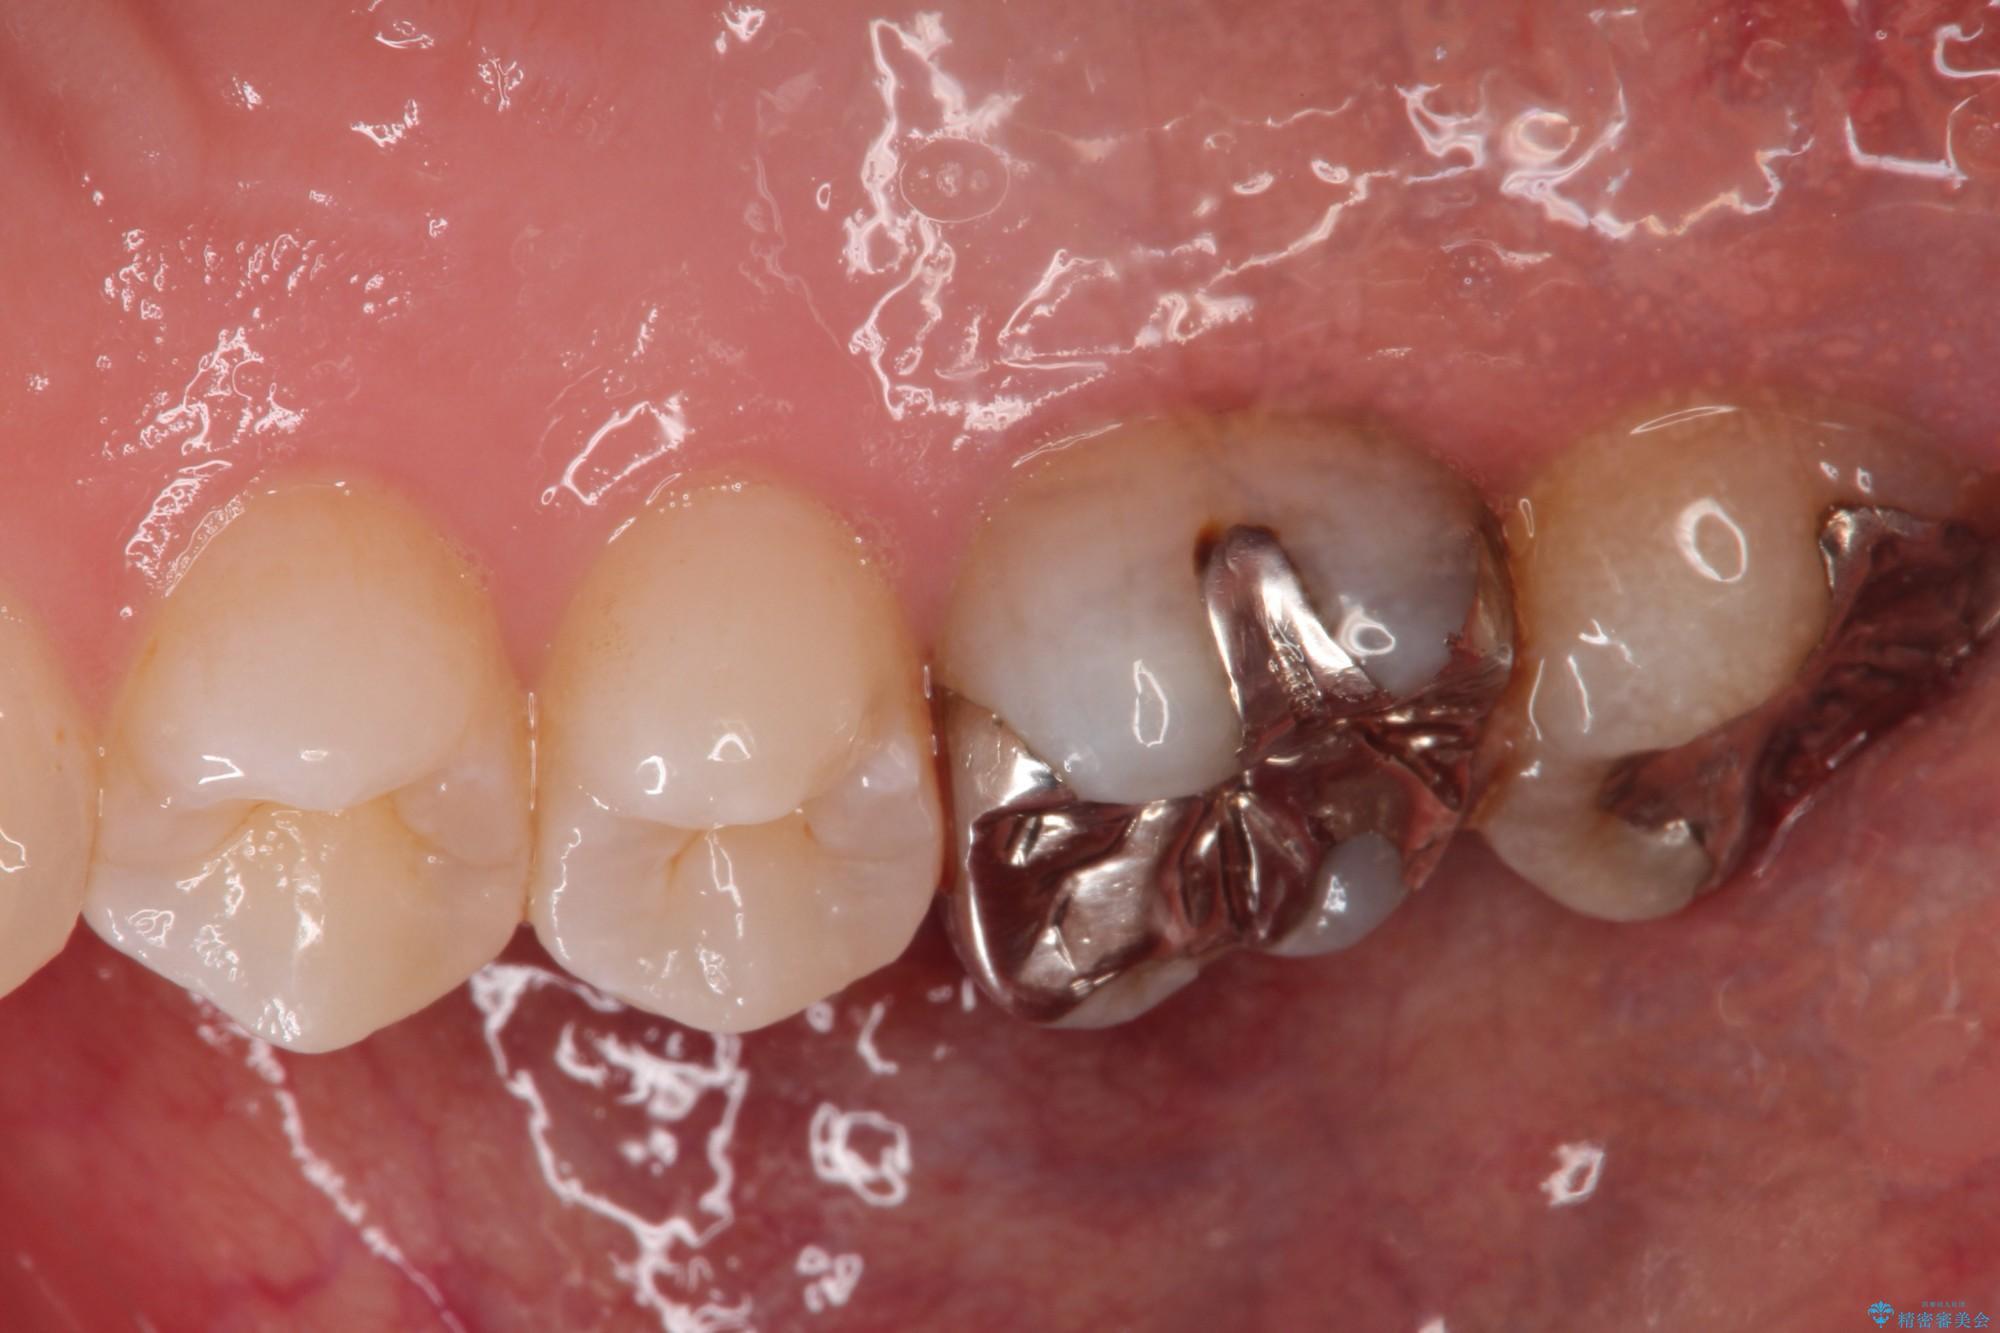 20代女性 歯茎が腫れた 歯の根とセラミック治療(ビフォーアフター) 治療前